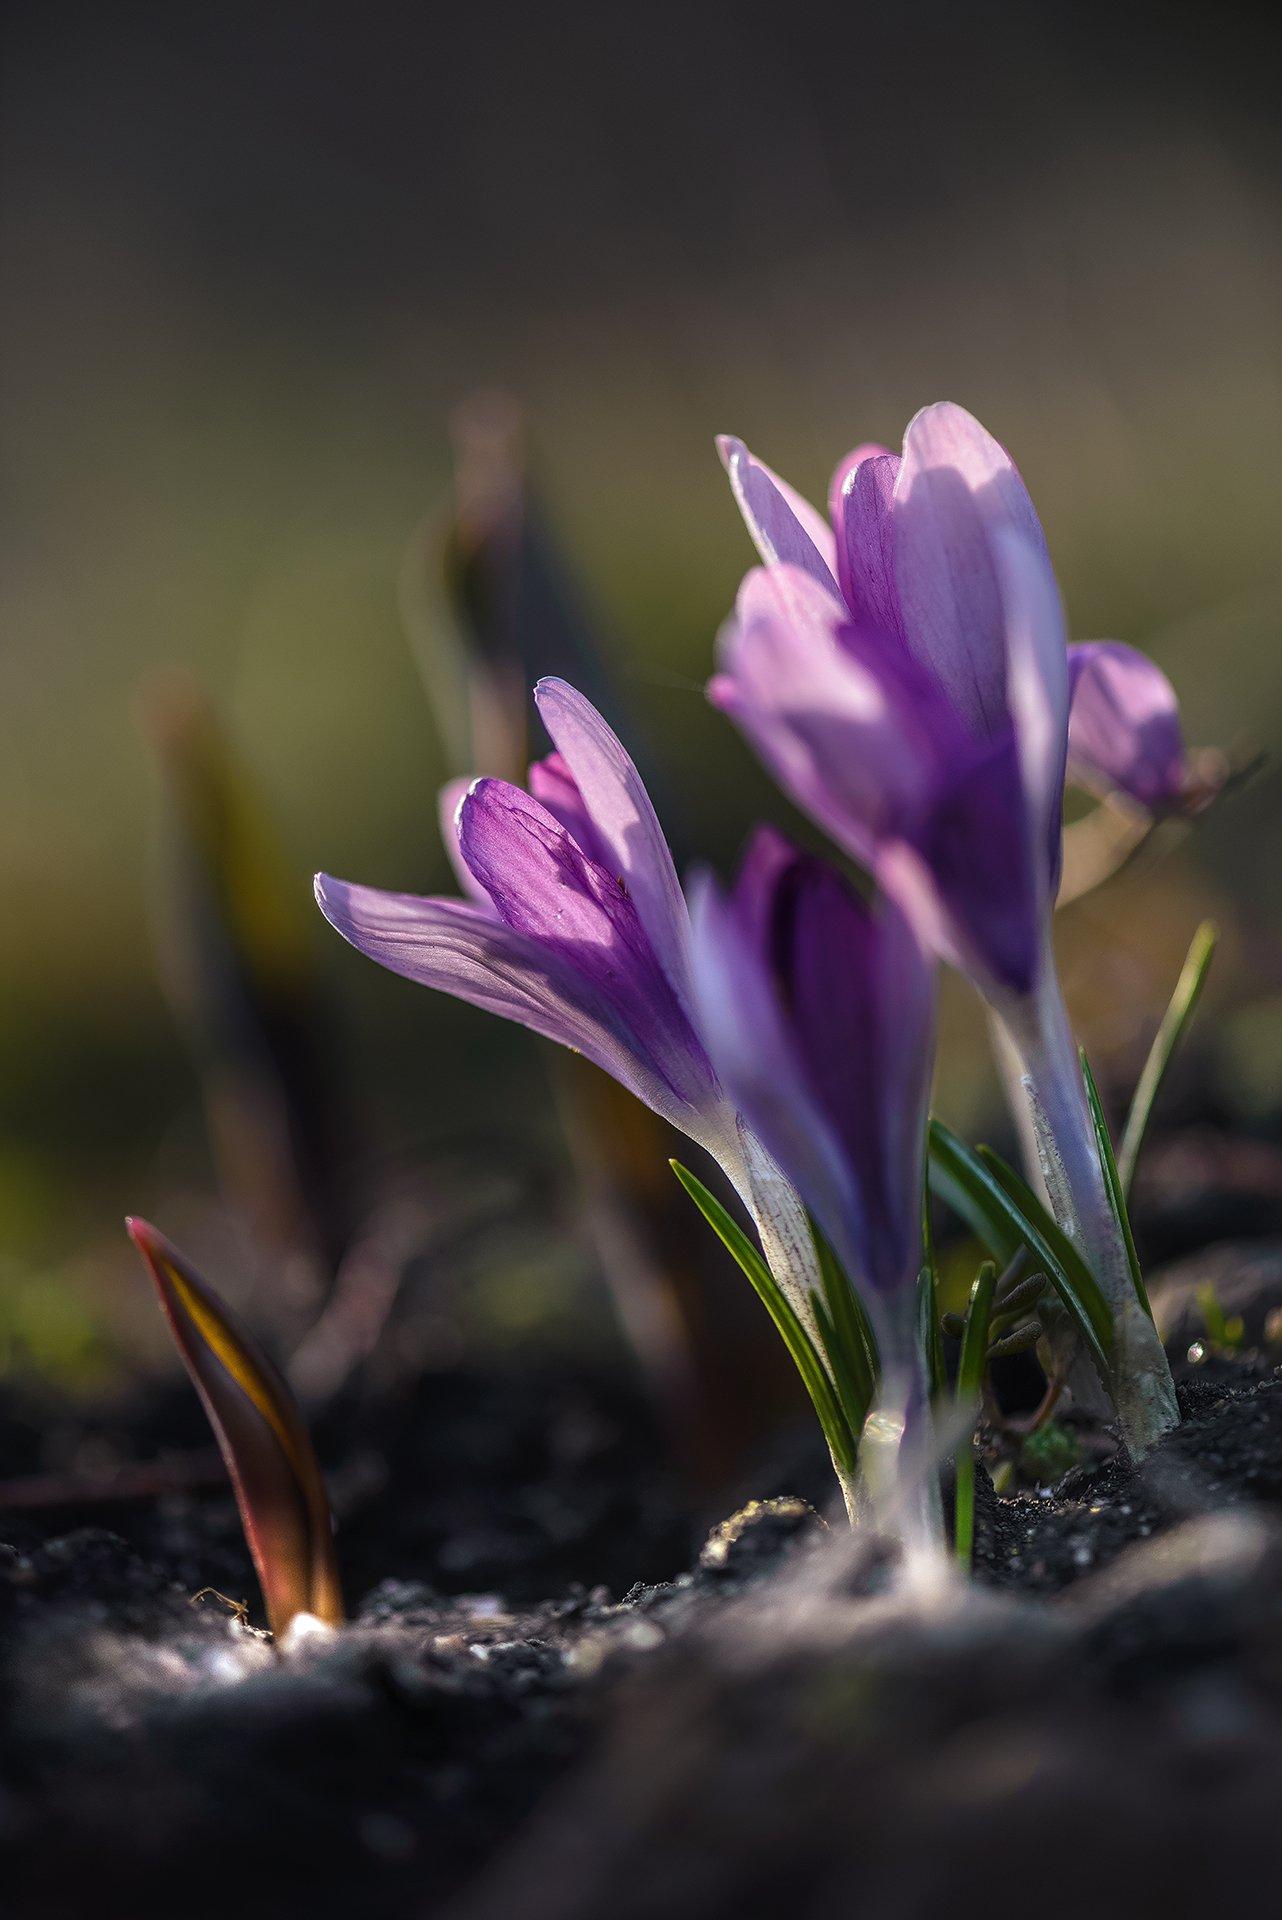 природа, макро, весна, цветы, крокус,, Неля Рачкова